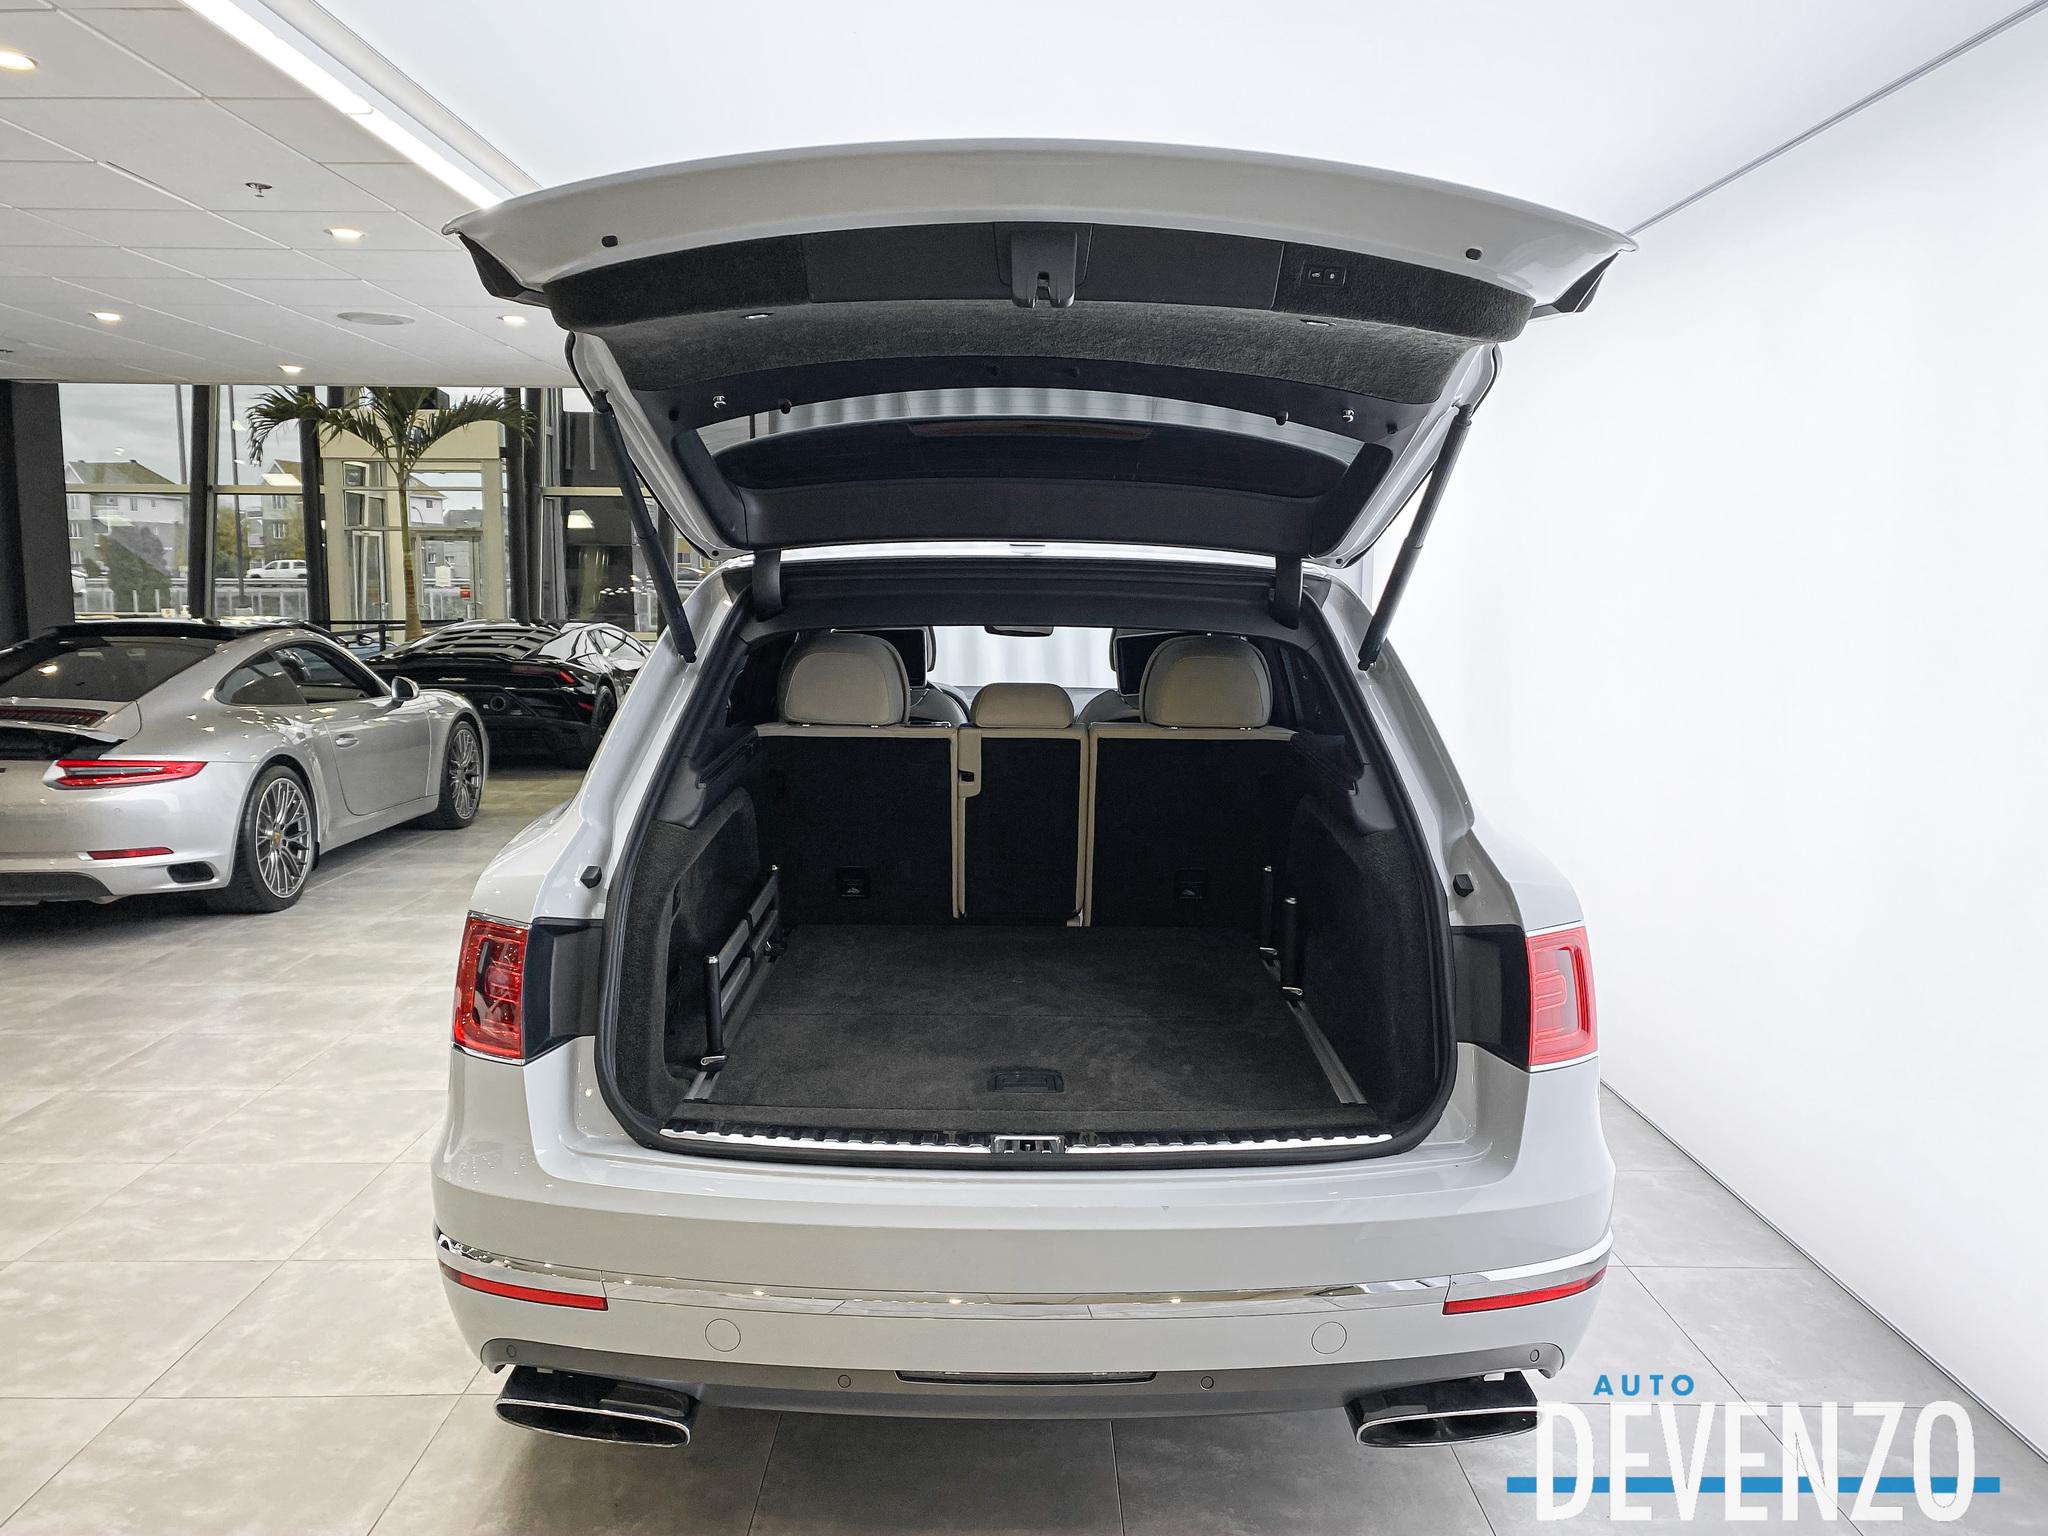 2017 Bentley Bentayga W12 AWD MULLINER DVD SCREENS complet